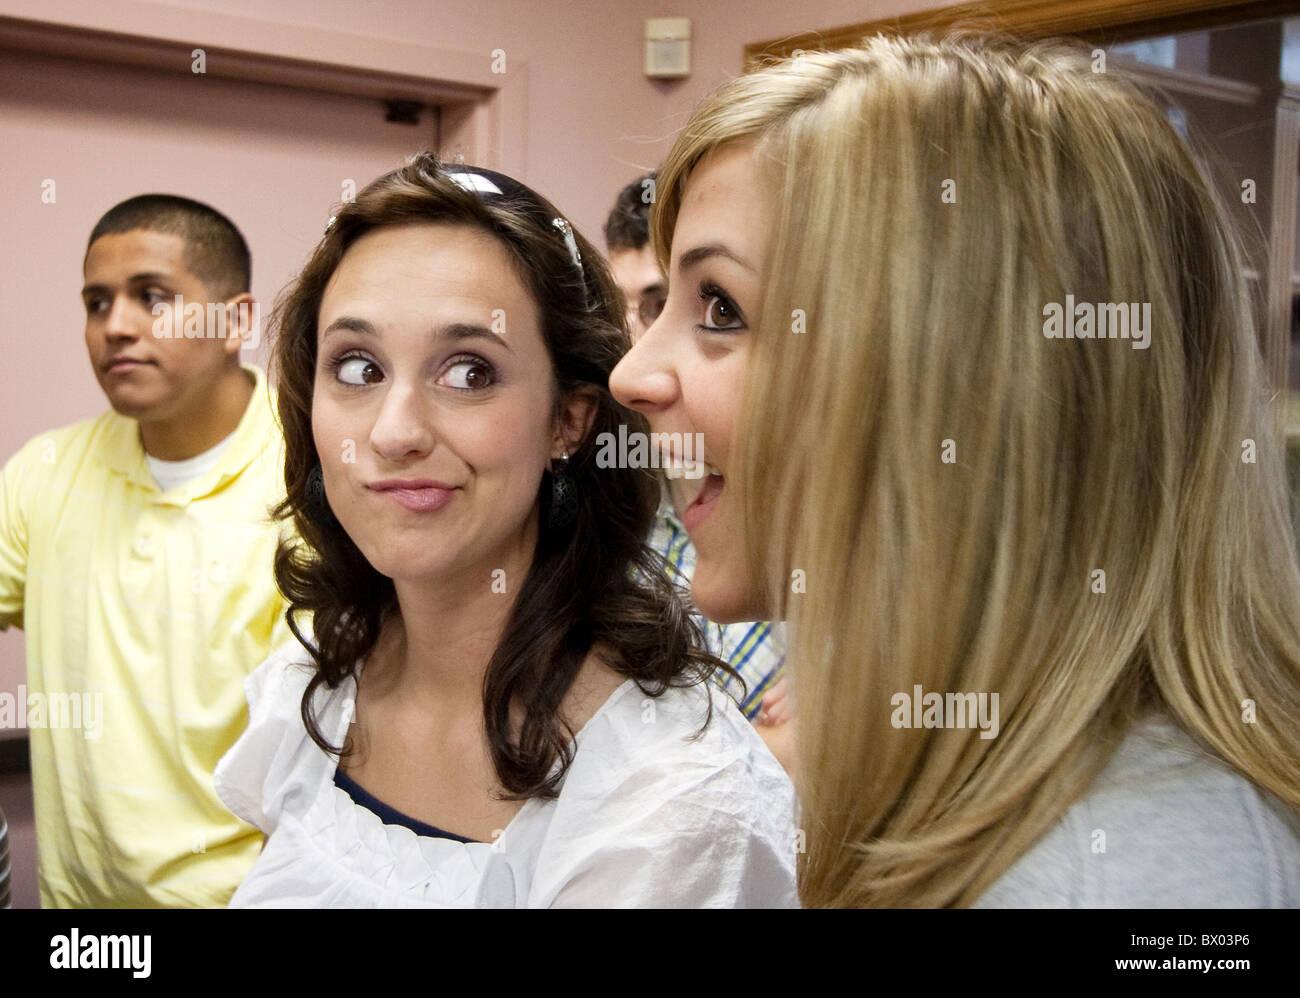 Sorelle guardarsi reciprocamente con divertenti espressioni. Immagini Stock